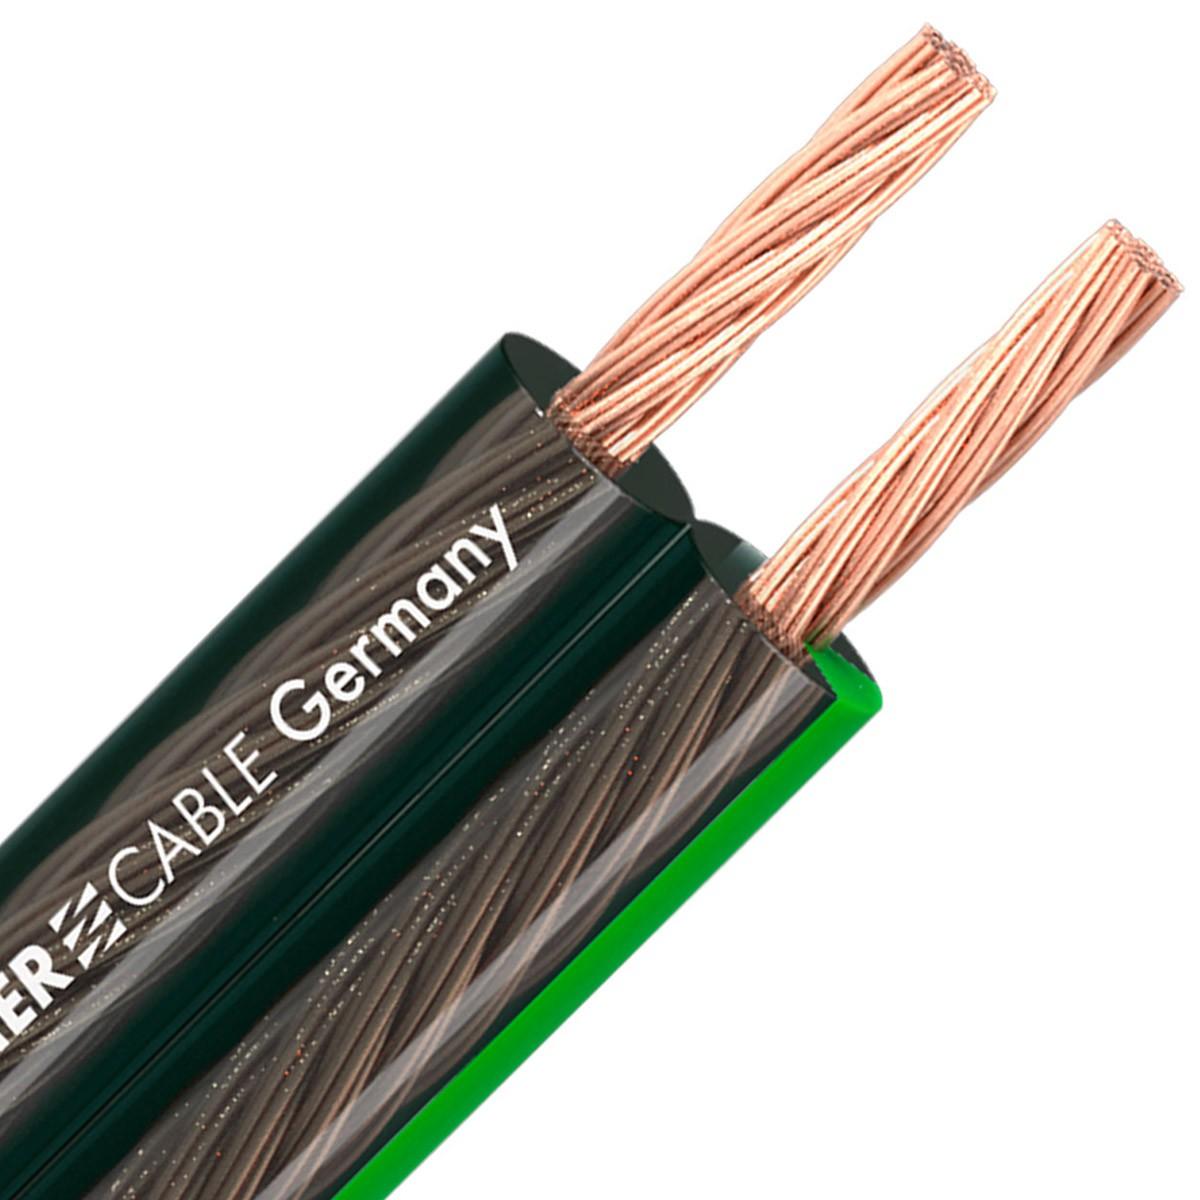 SOMMERCABLE SC-ORBIT 240 MKII Câble Haut-parleur Cuivre OFC 2x4mm²